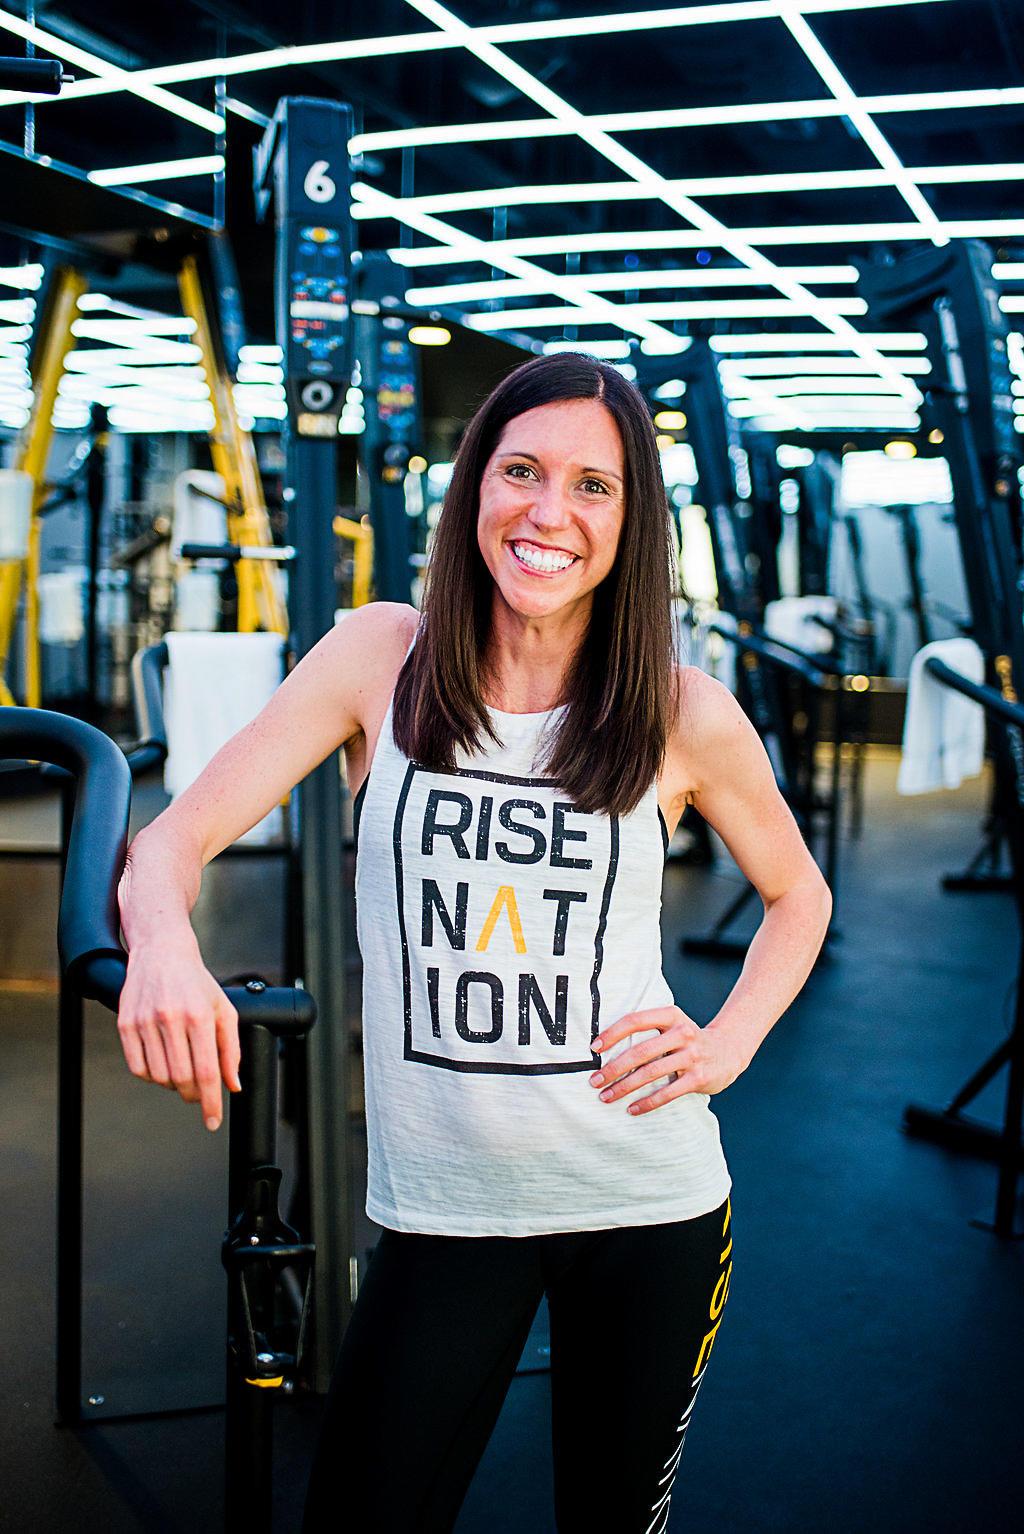 Rise Nation image 11